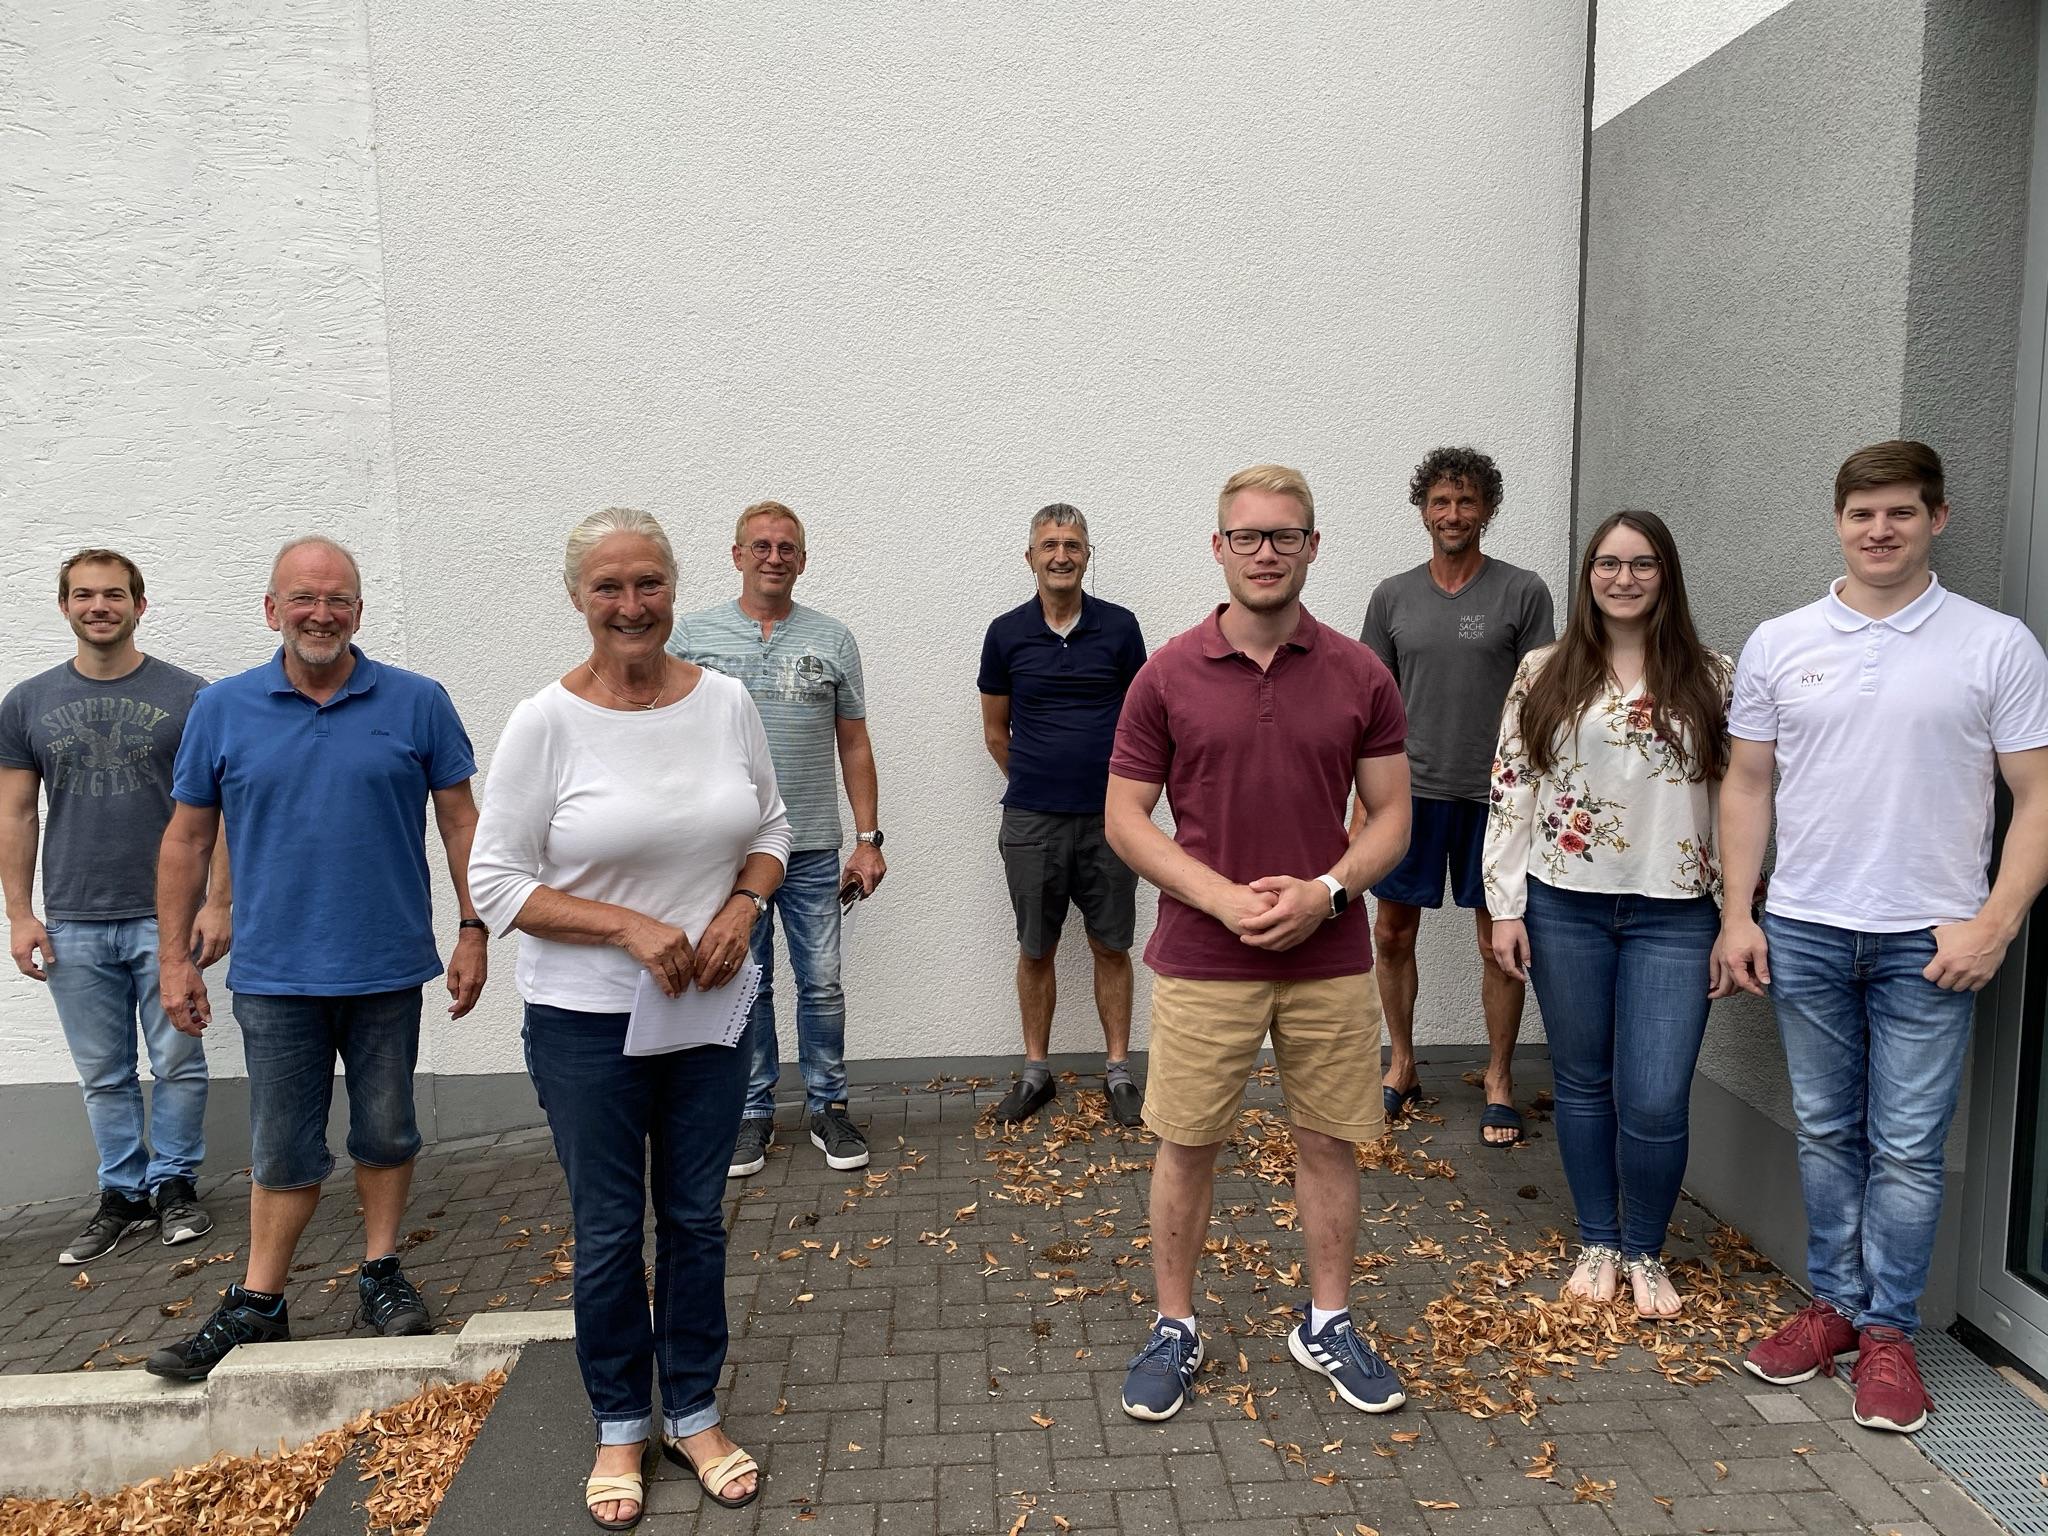 20. Mitgliederversammlung der Kunstturnvereinigung Koblenz e.V.